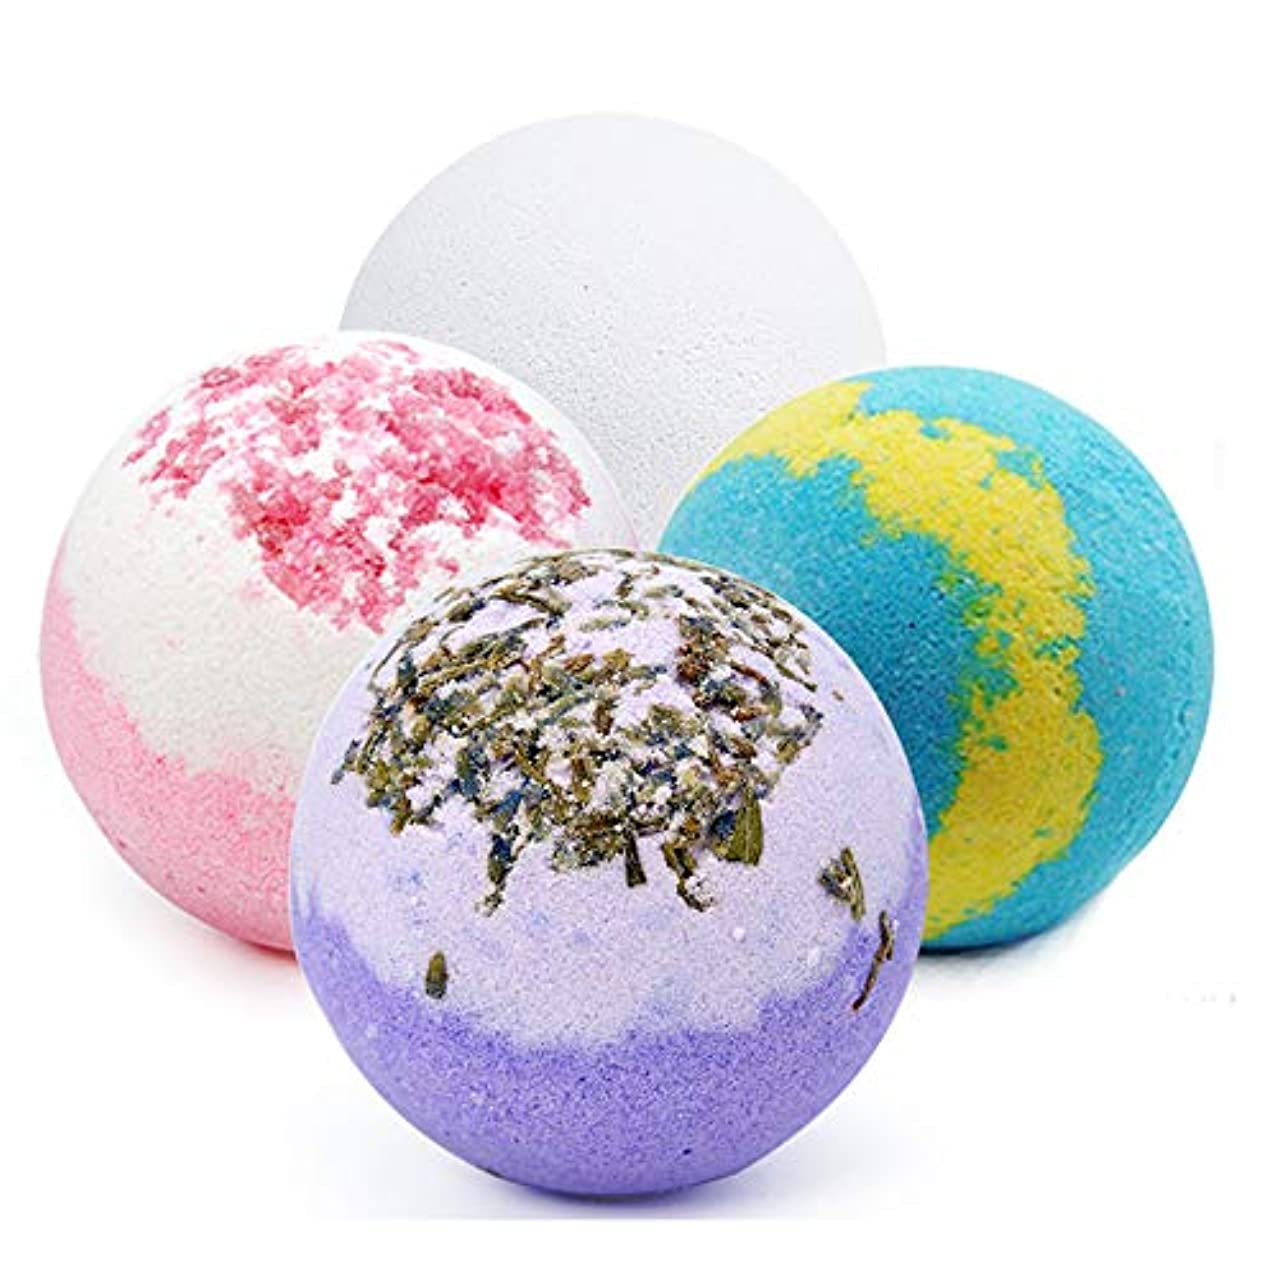 暗い平和的確立しますバスボム 入浴剤 炭酸 バスボール 6つの香り 手作り 入浴料 うるおいプラス お風呂用 入浴剤 ギフトセット4枚 贈り物 プレゼント最適